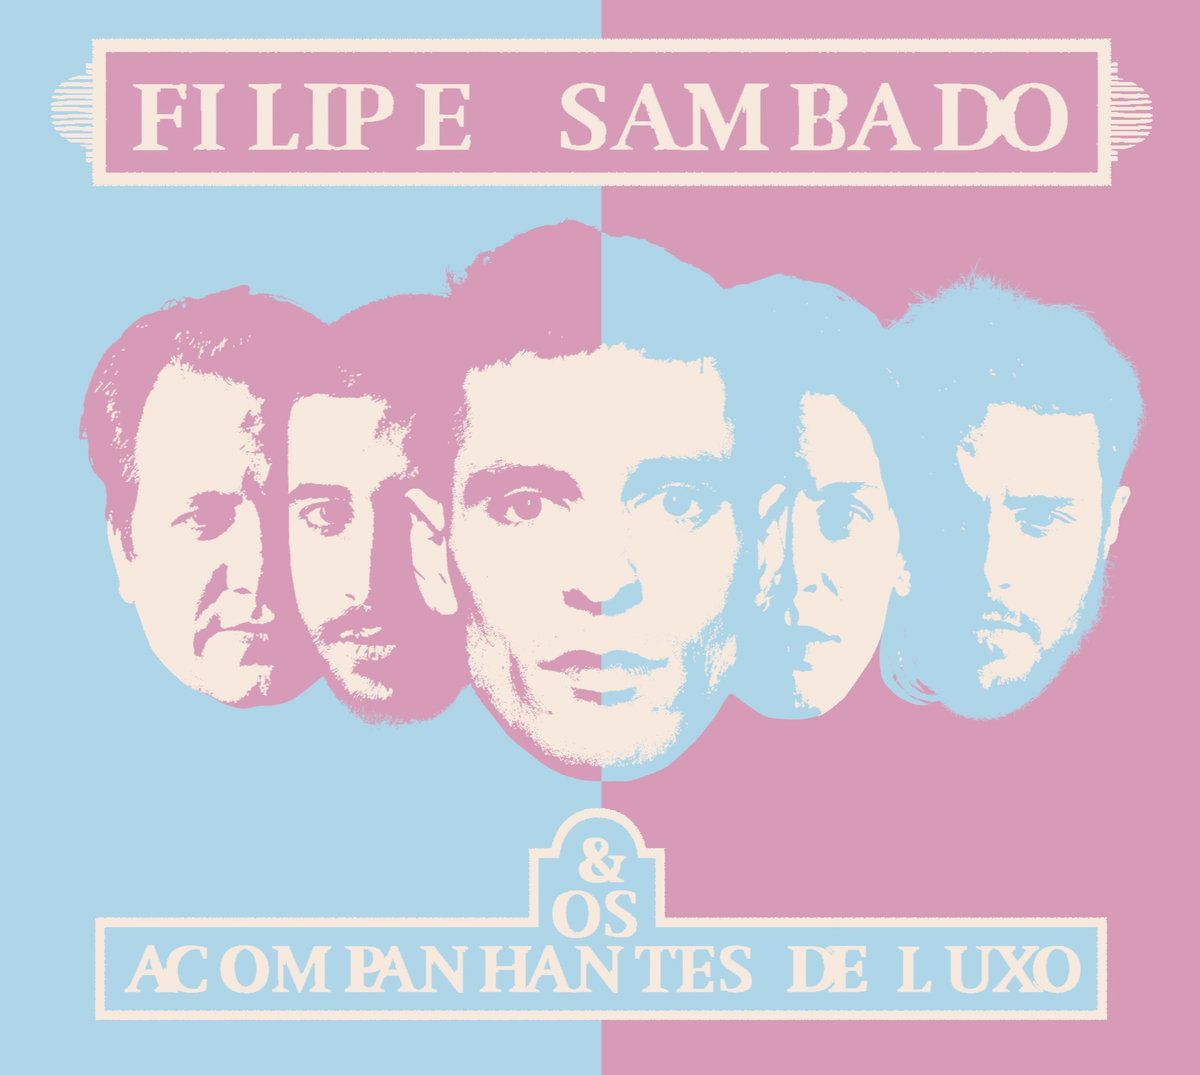 Filipe Sambado combate a discriminação no seu segundo álbum, com os Acompanhantes de Luxo